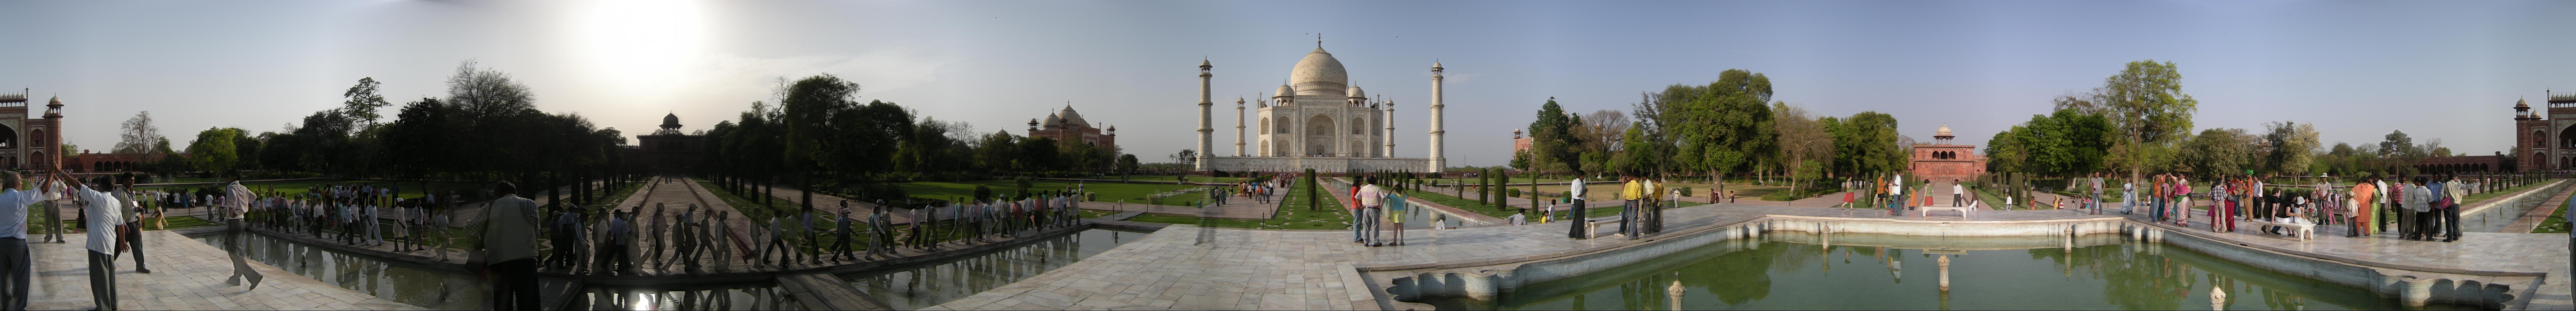 Sergej Marsnjak India North Agra Taj Mahal Panorama